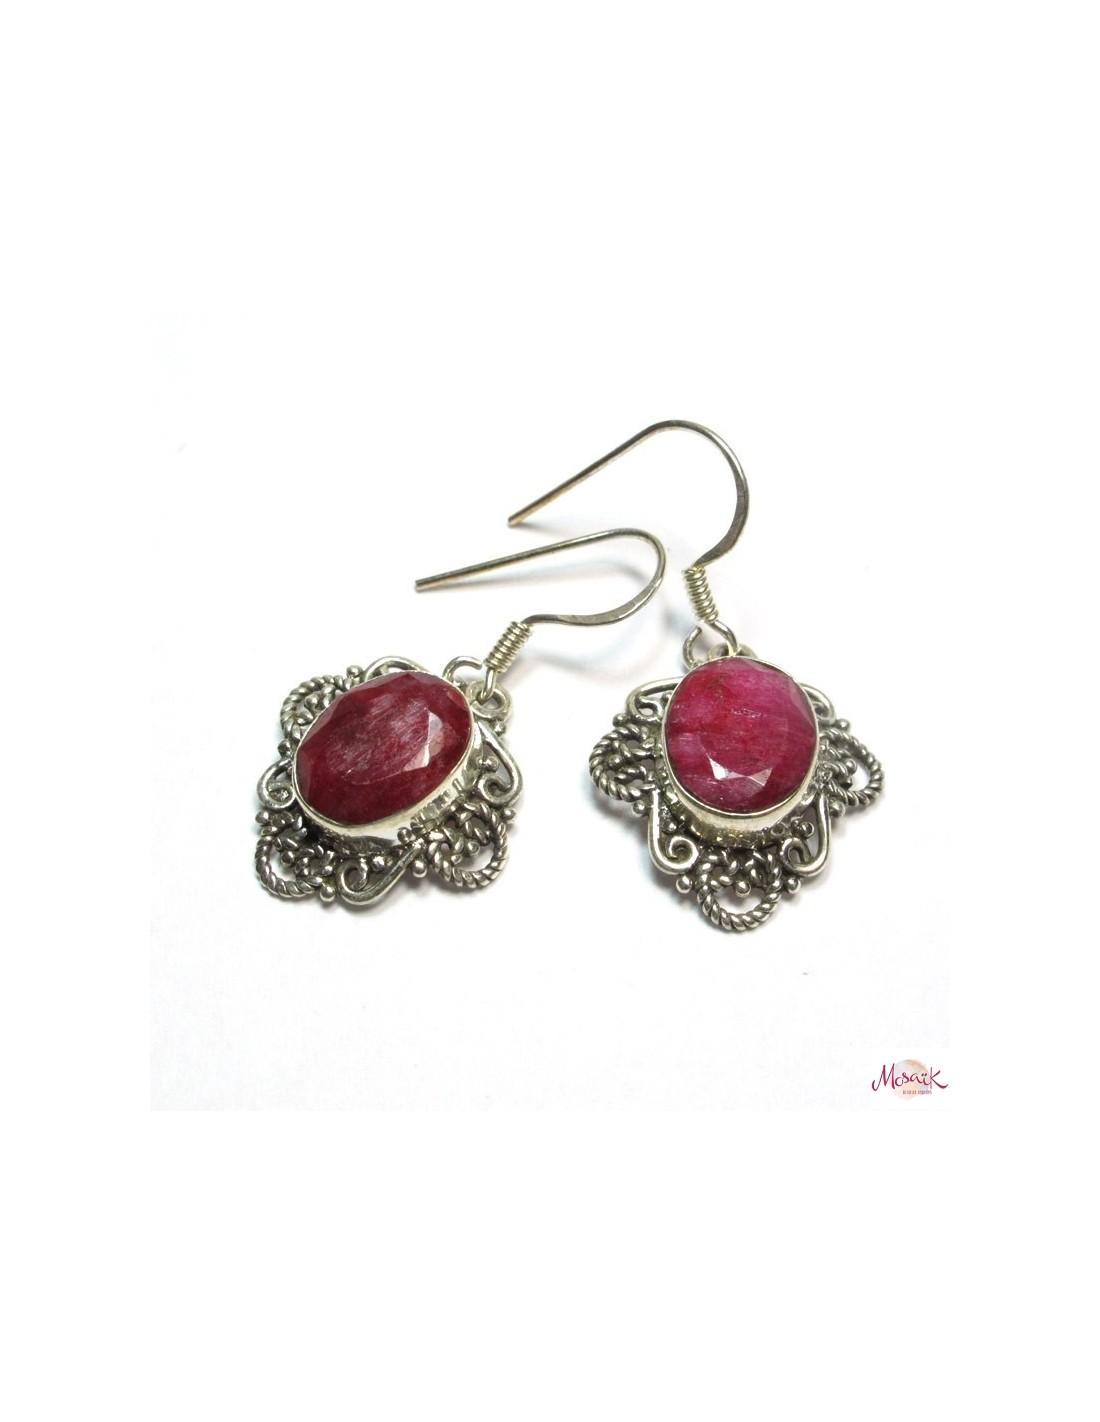 boucle d 39 oreille argent et rubis rose bijoux et boucles indiennes argent bp136. Black Bedroom Furniture Sets. Home Design Ideas